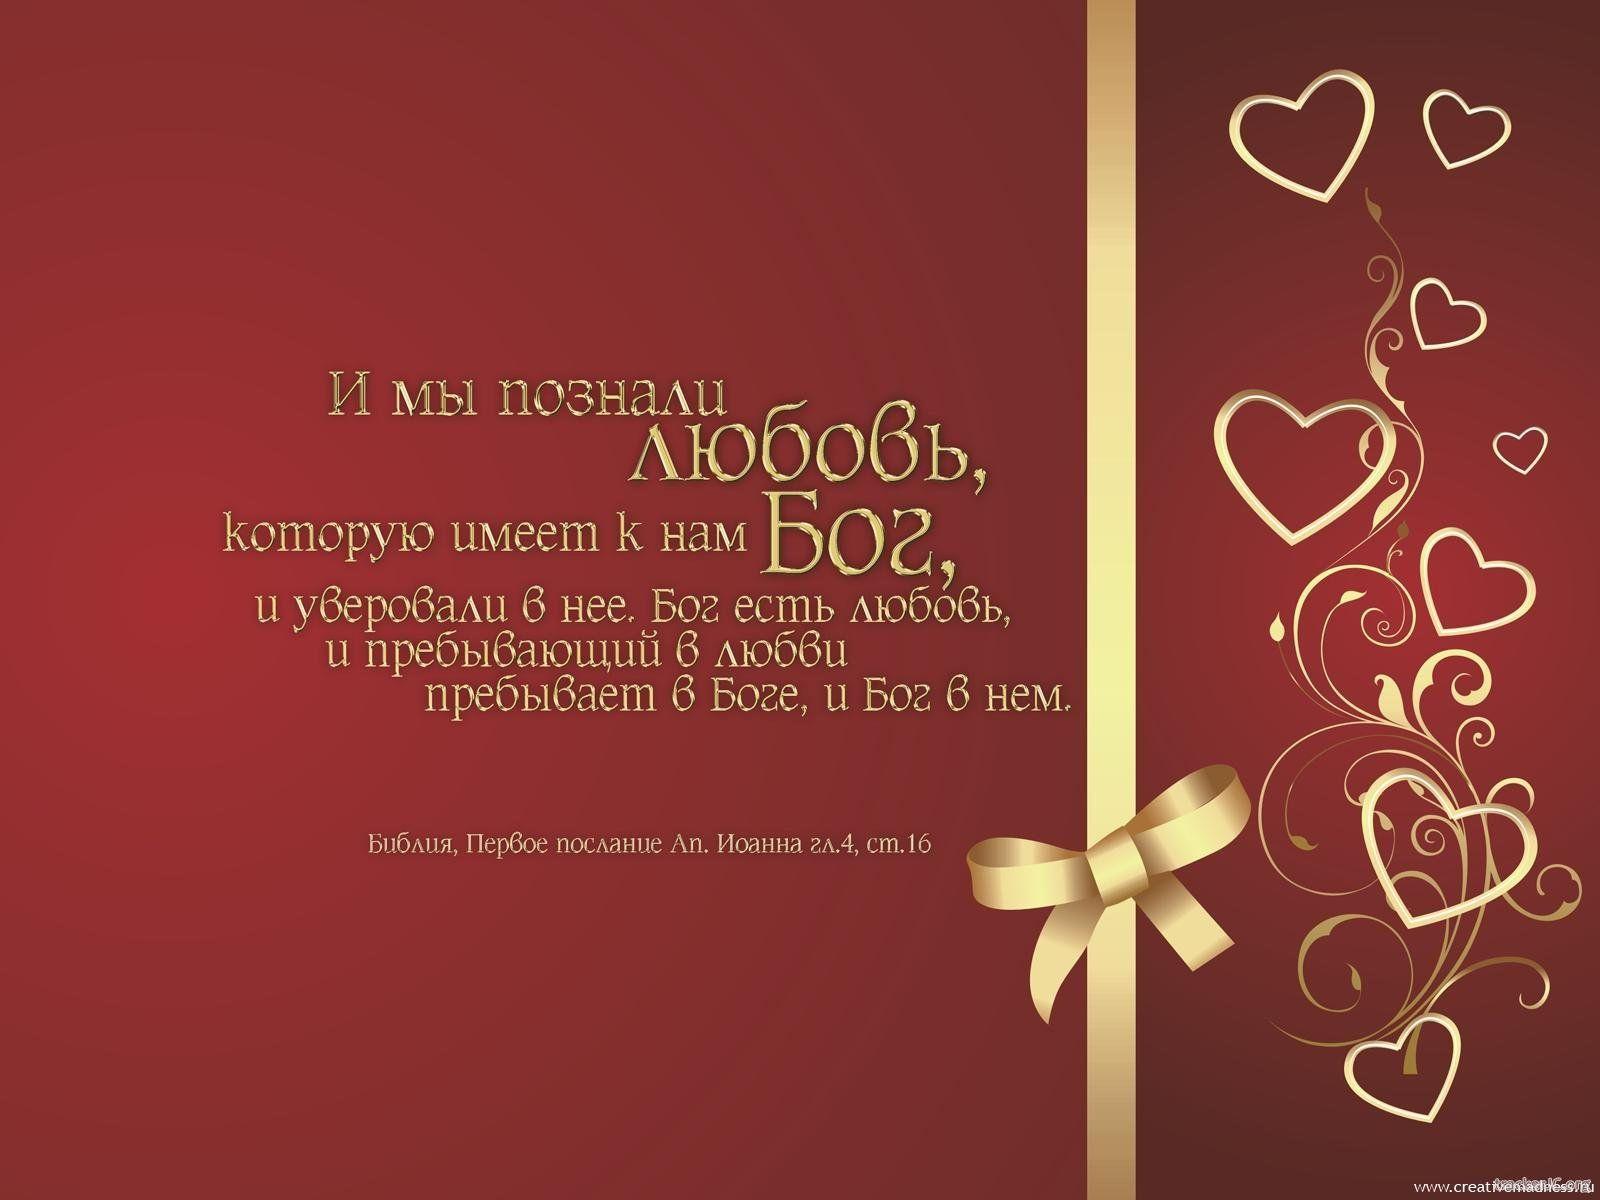 Поздравление на свадьбу по христиански